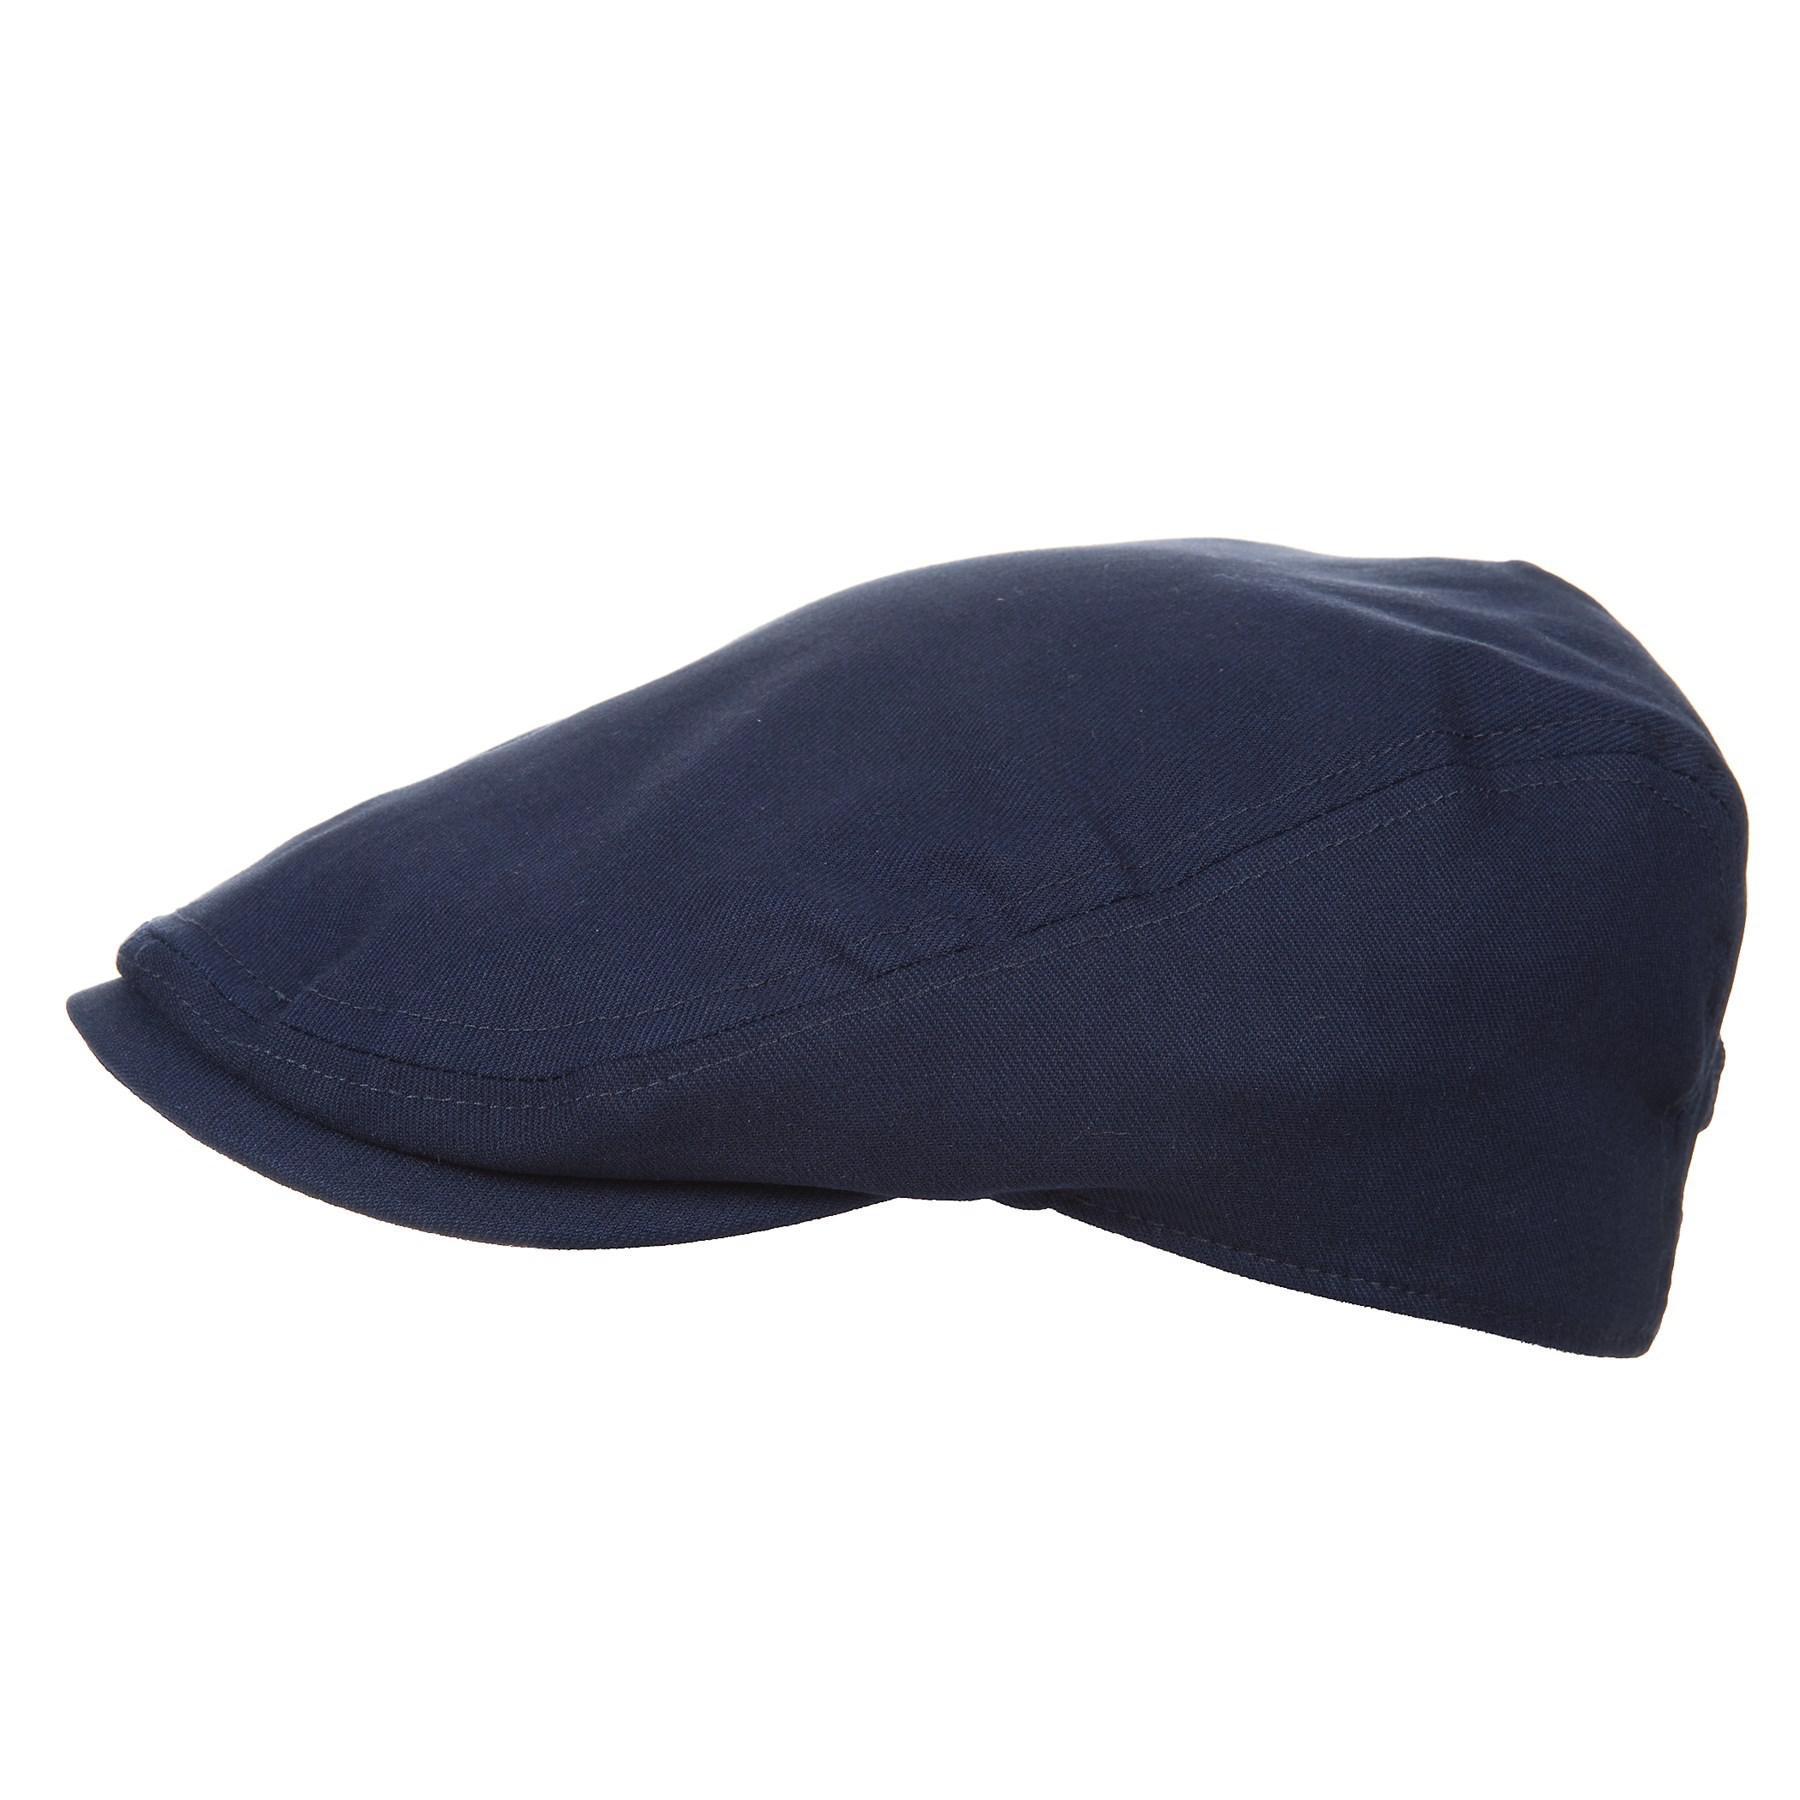 Lyst - Levi s Stretch Denim Flat Top Ivy Cap in Blue for Men 372f6e46105e